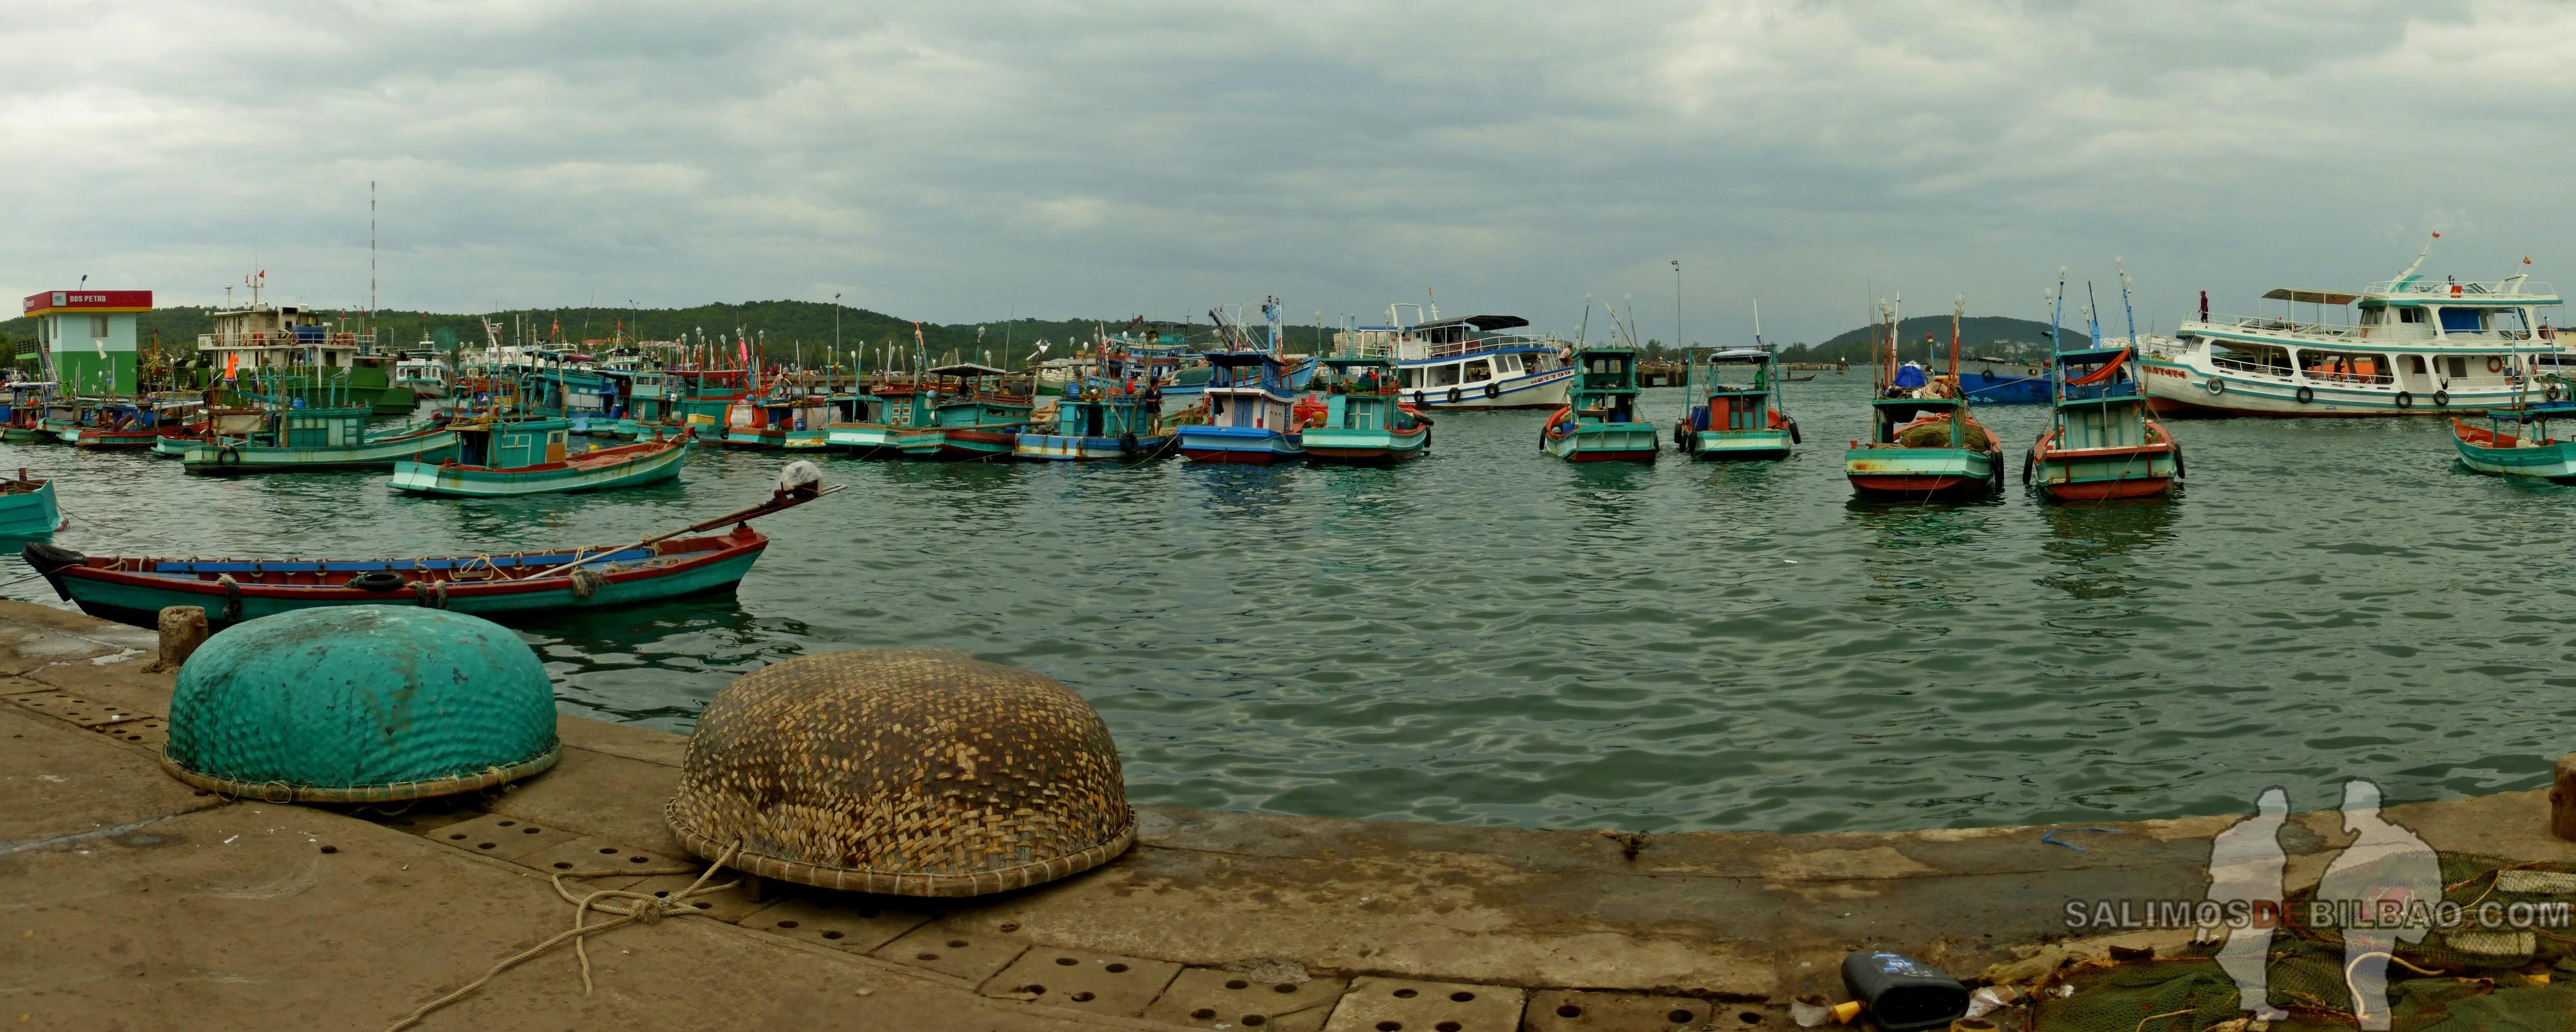 0113. Pano, Puerto en el sur de la isla, Phu Quoc